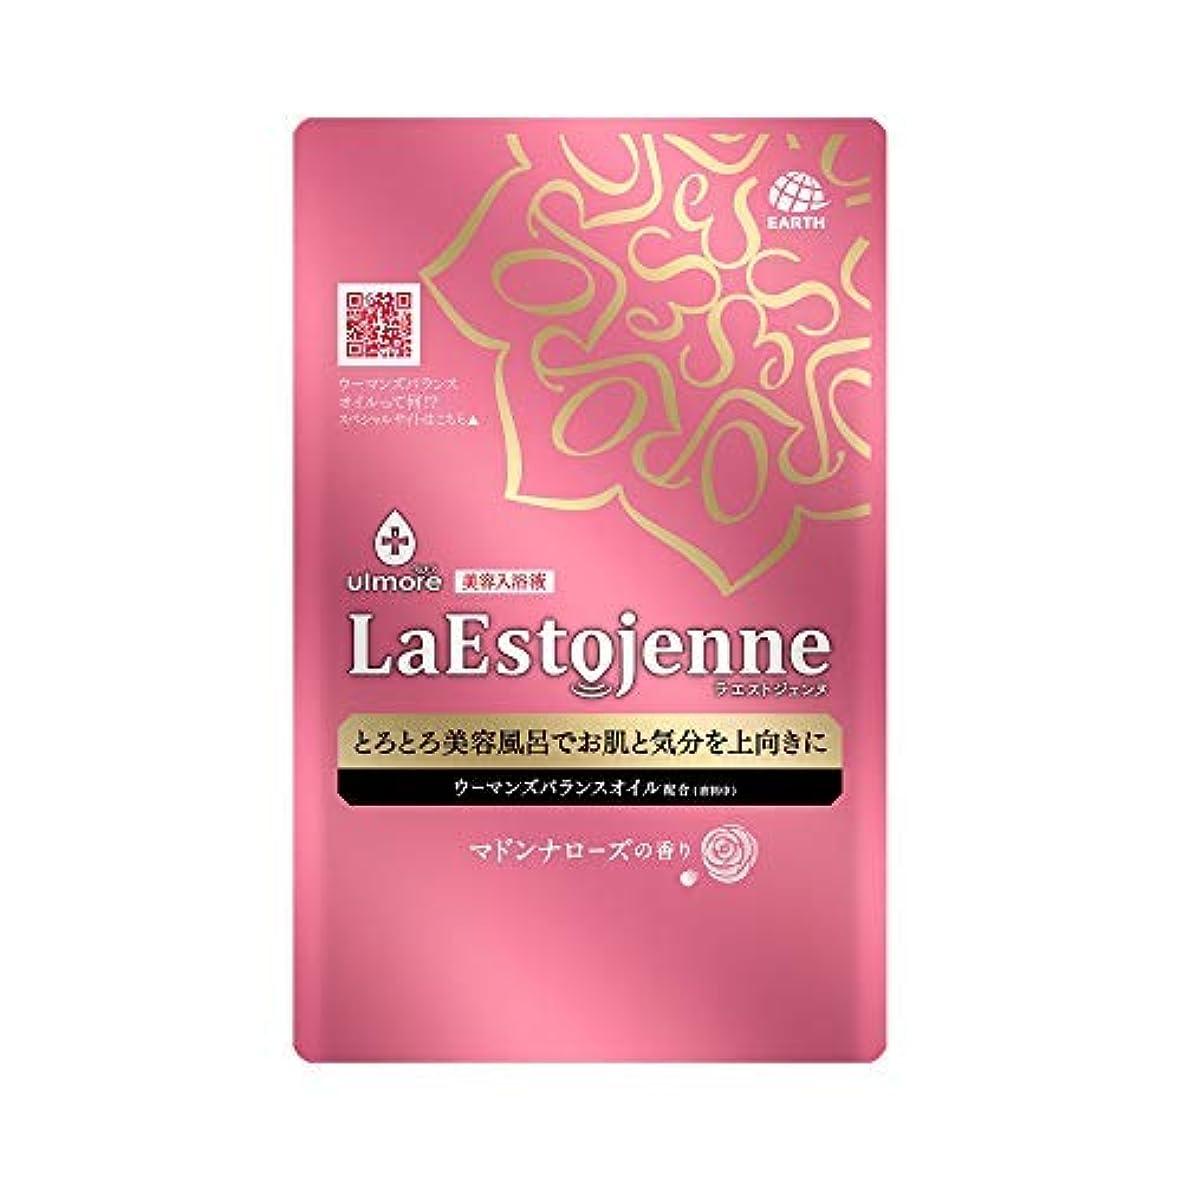 マダムいいね見落とすウルモア ラエストジェンヌ マドンナローズの香り 1包 × 10個セット